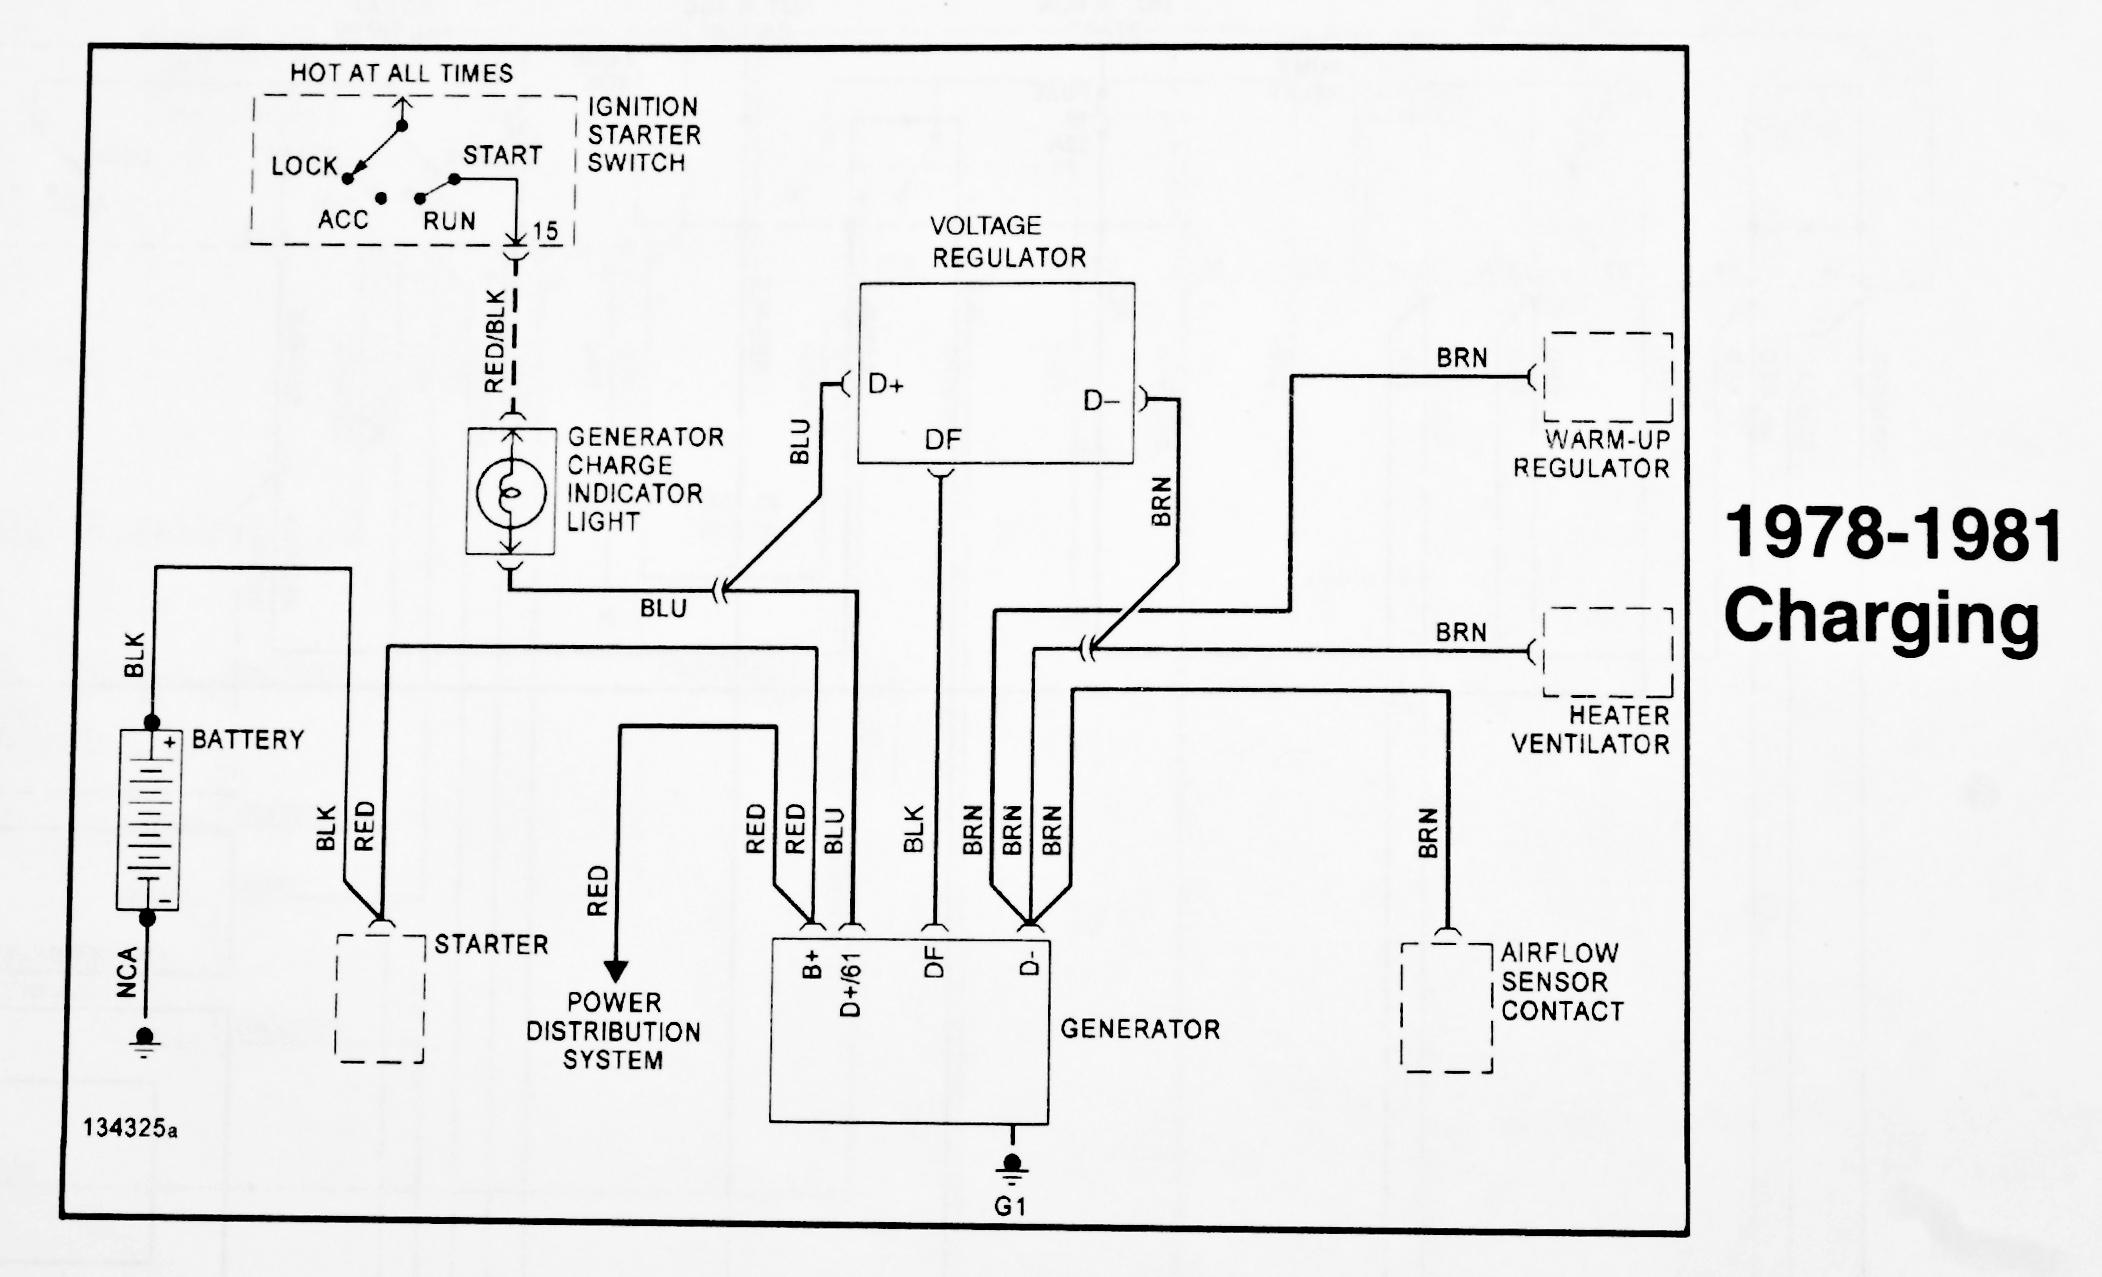 hight resolution of 1981 porsche 911 wiring diagram electrical schematic wiring diagram 1974 porsche wiring diagram